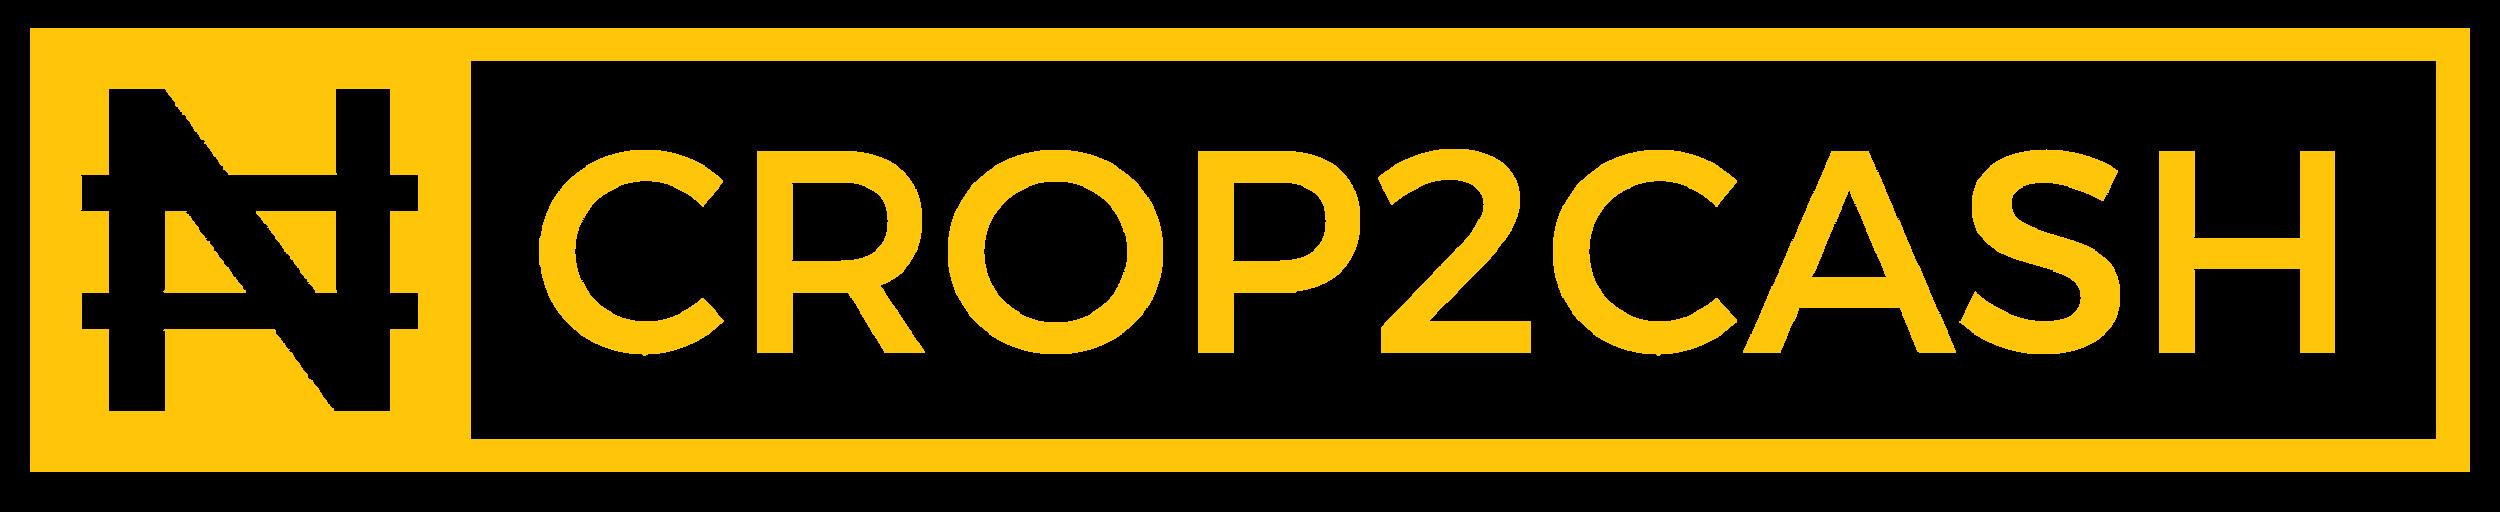 Crop2Cash